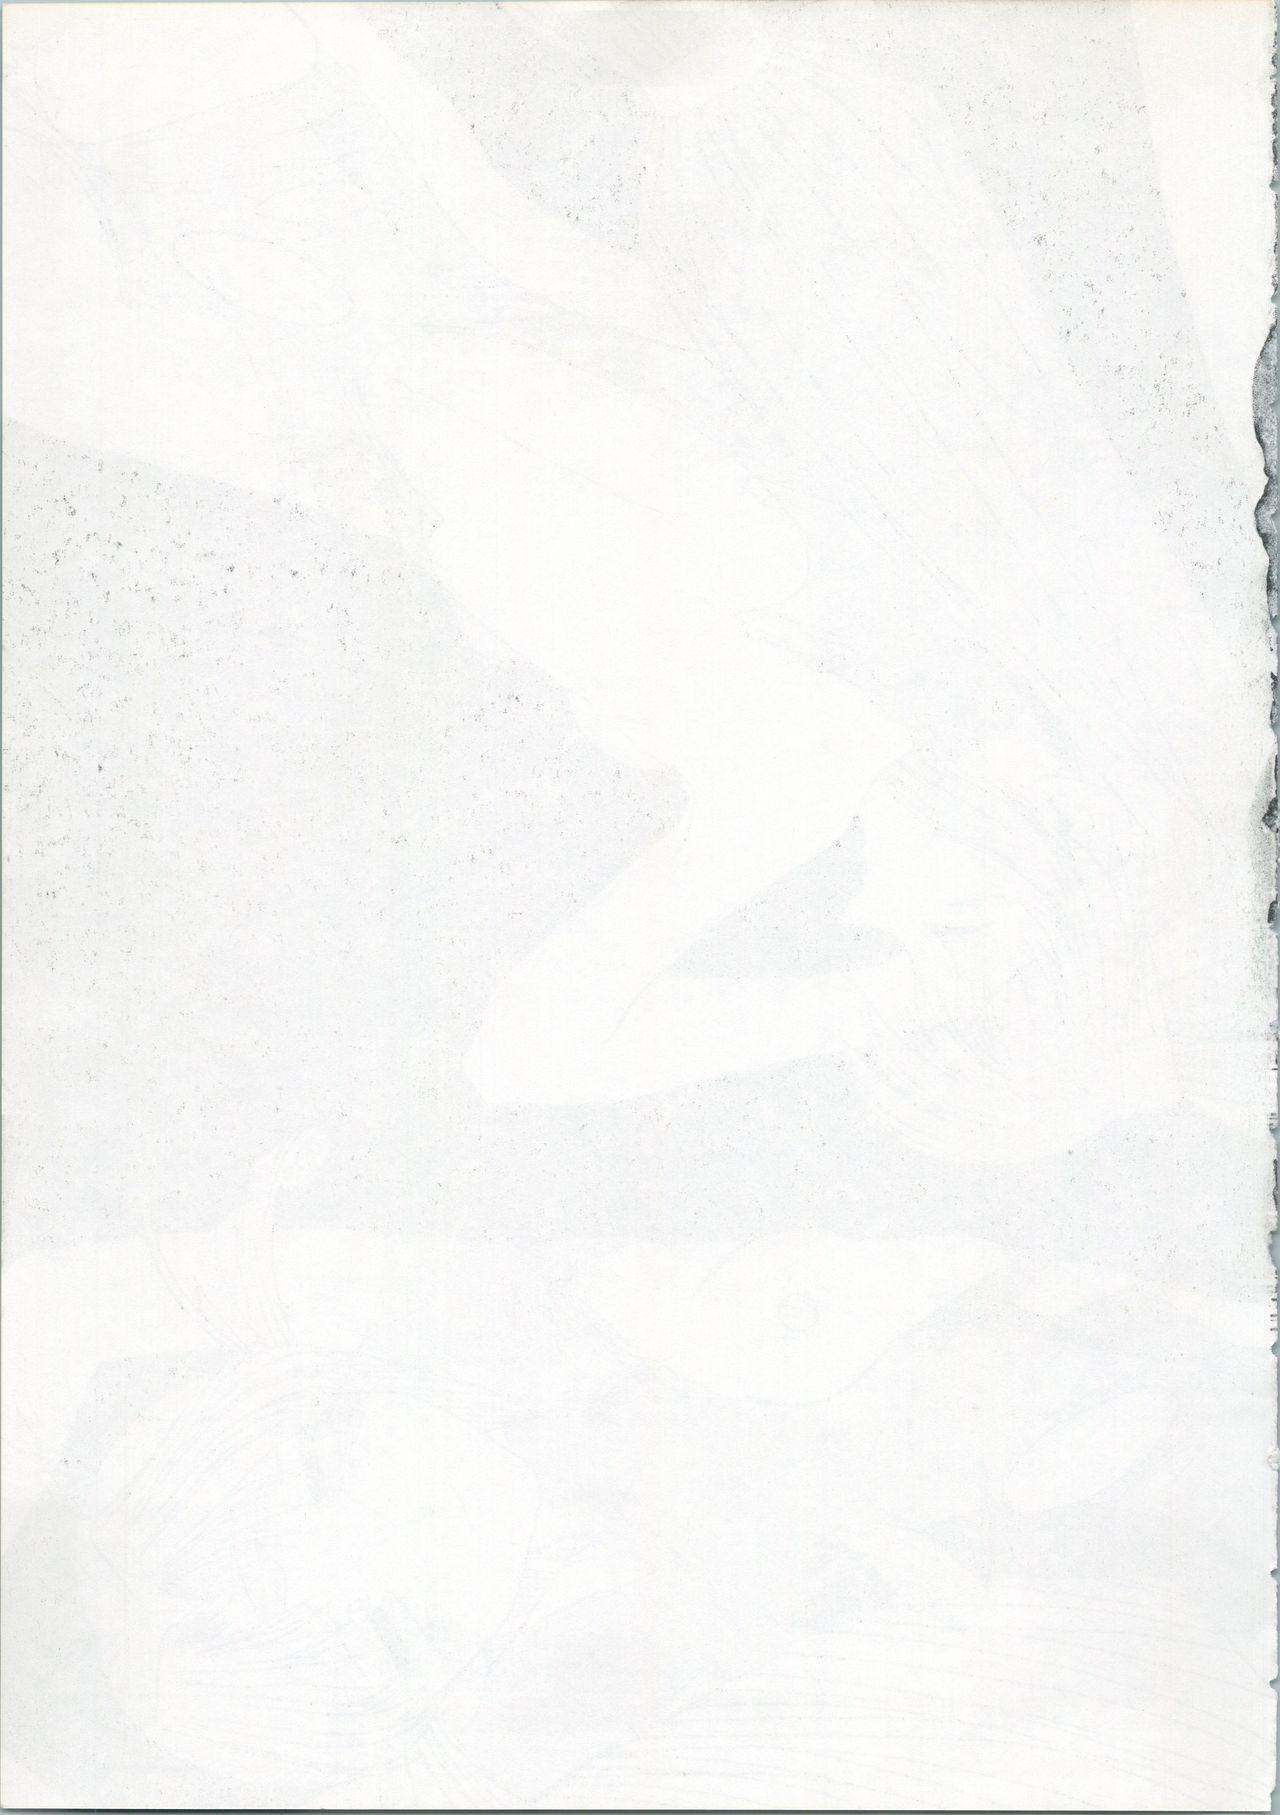 KITSCH 4st ISSUE 29